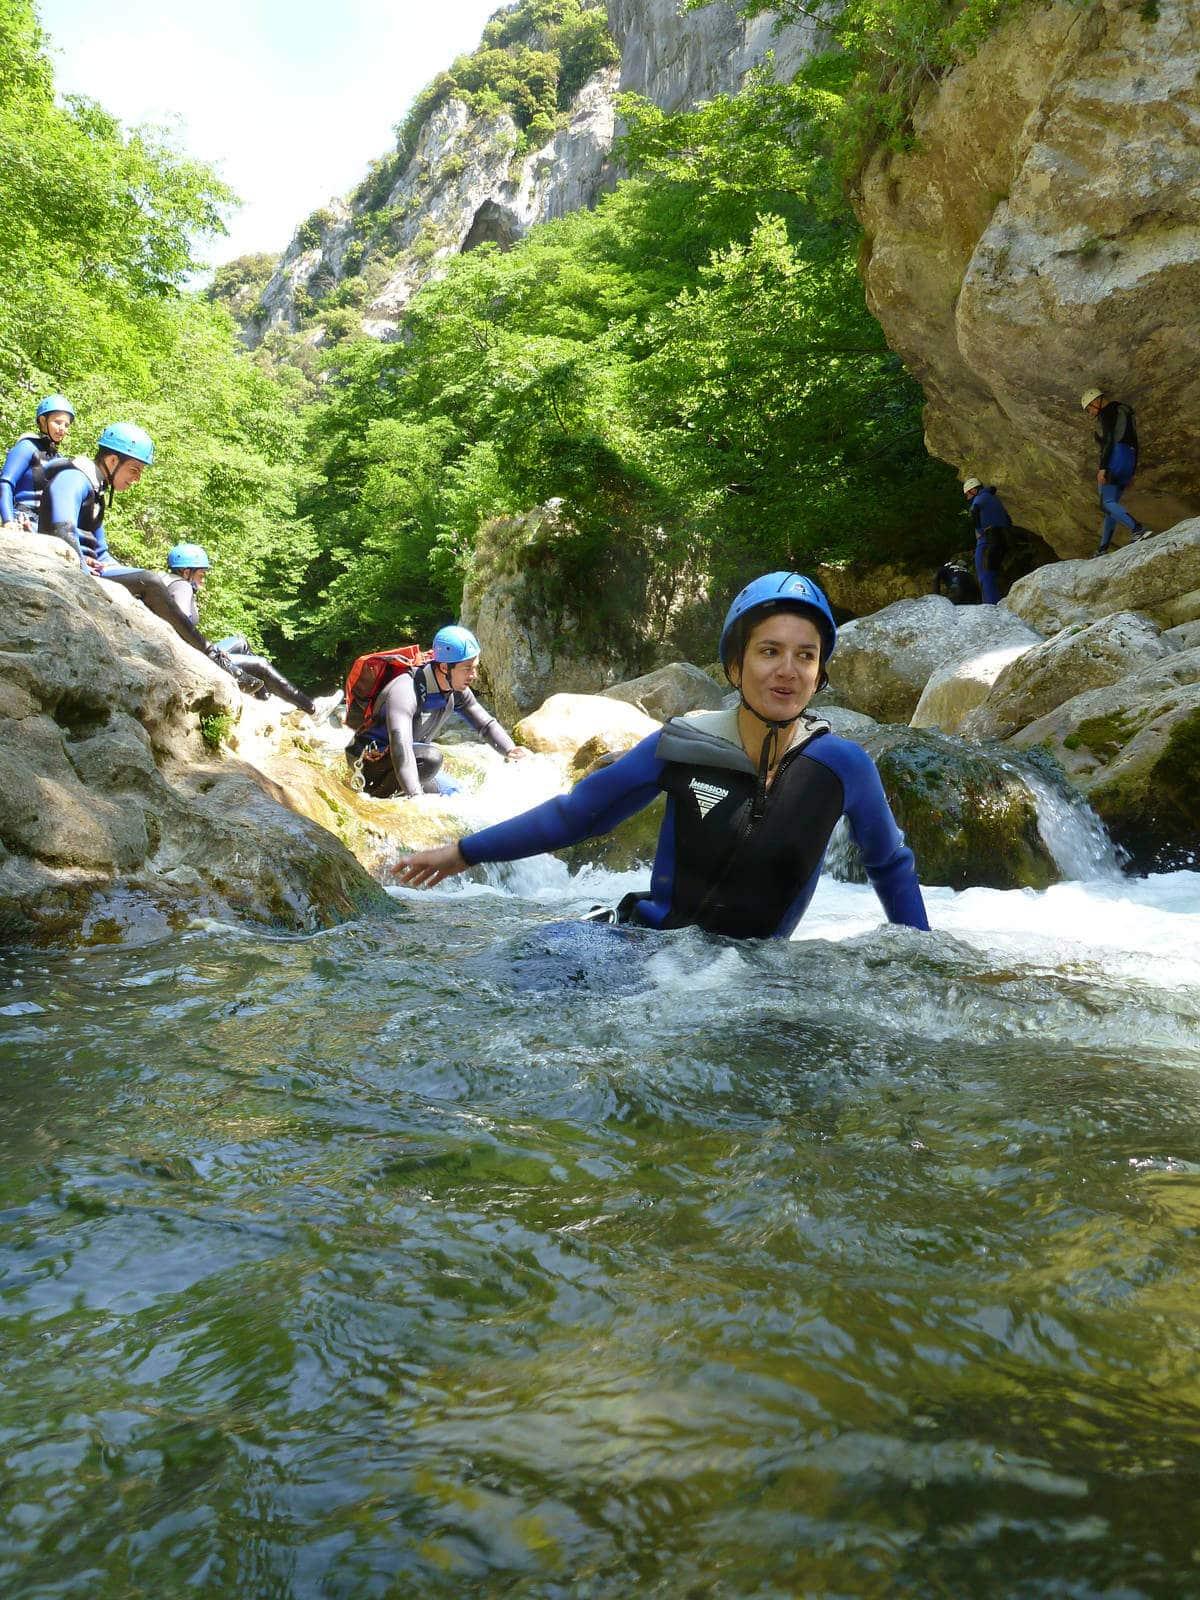 Natation dans le canyon du Loup - Grasse